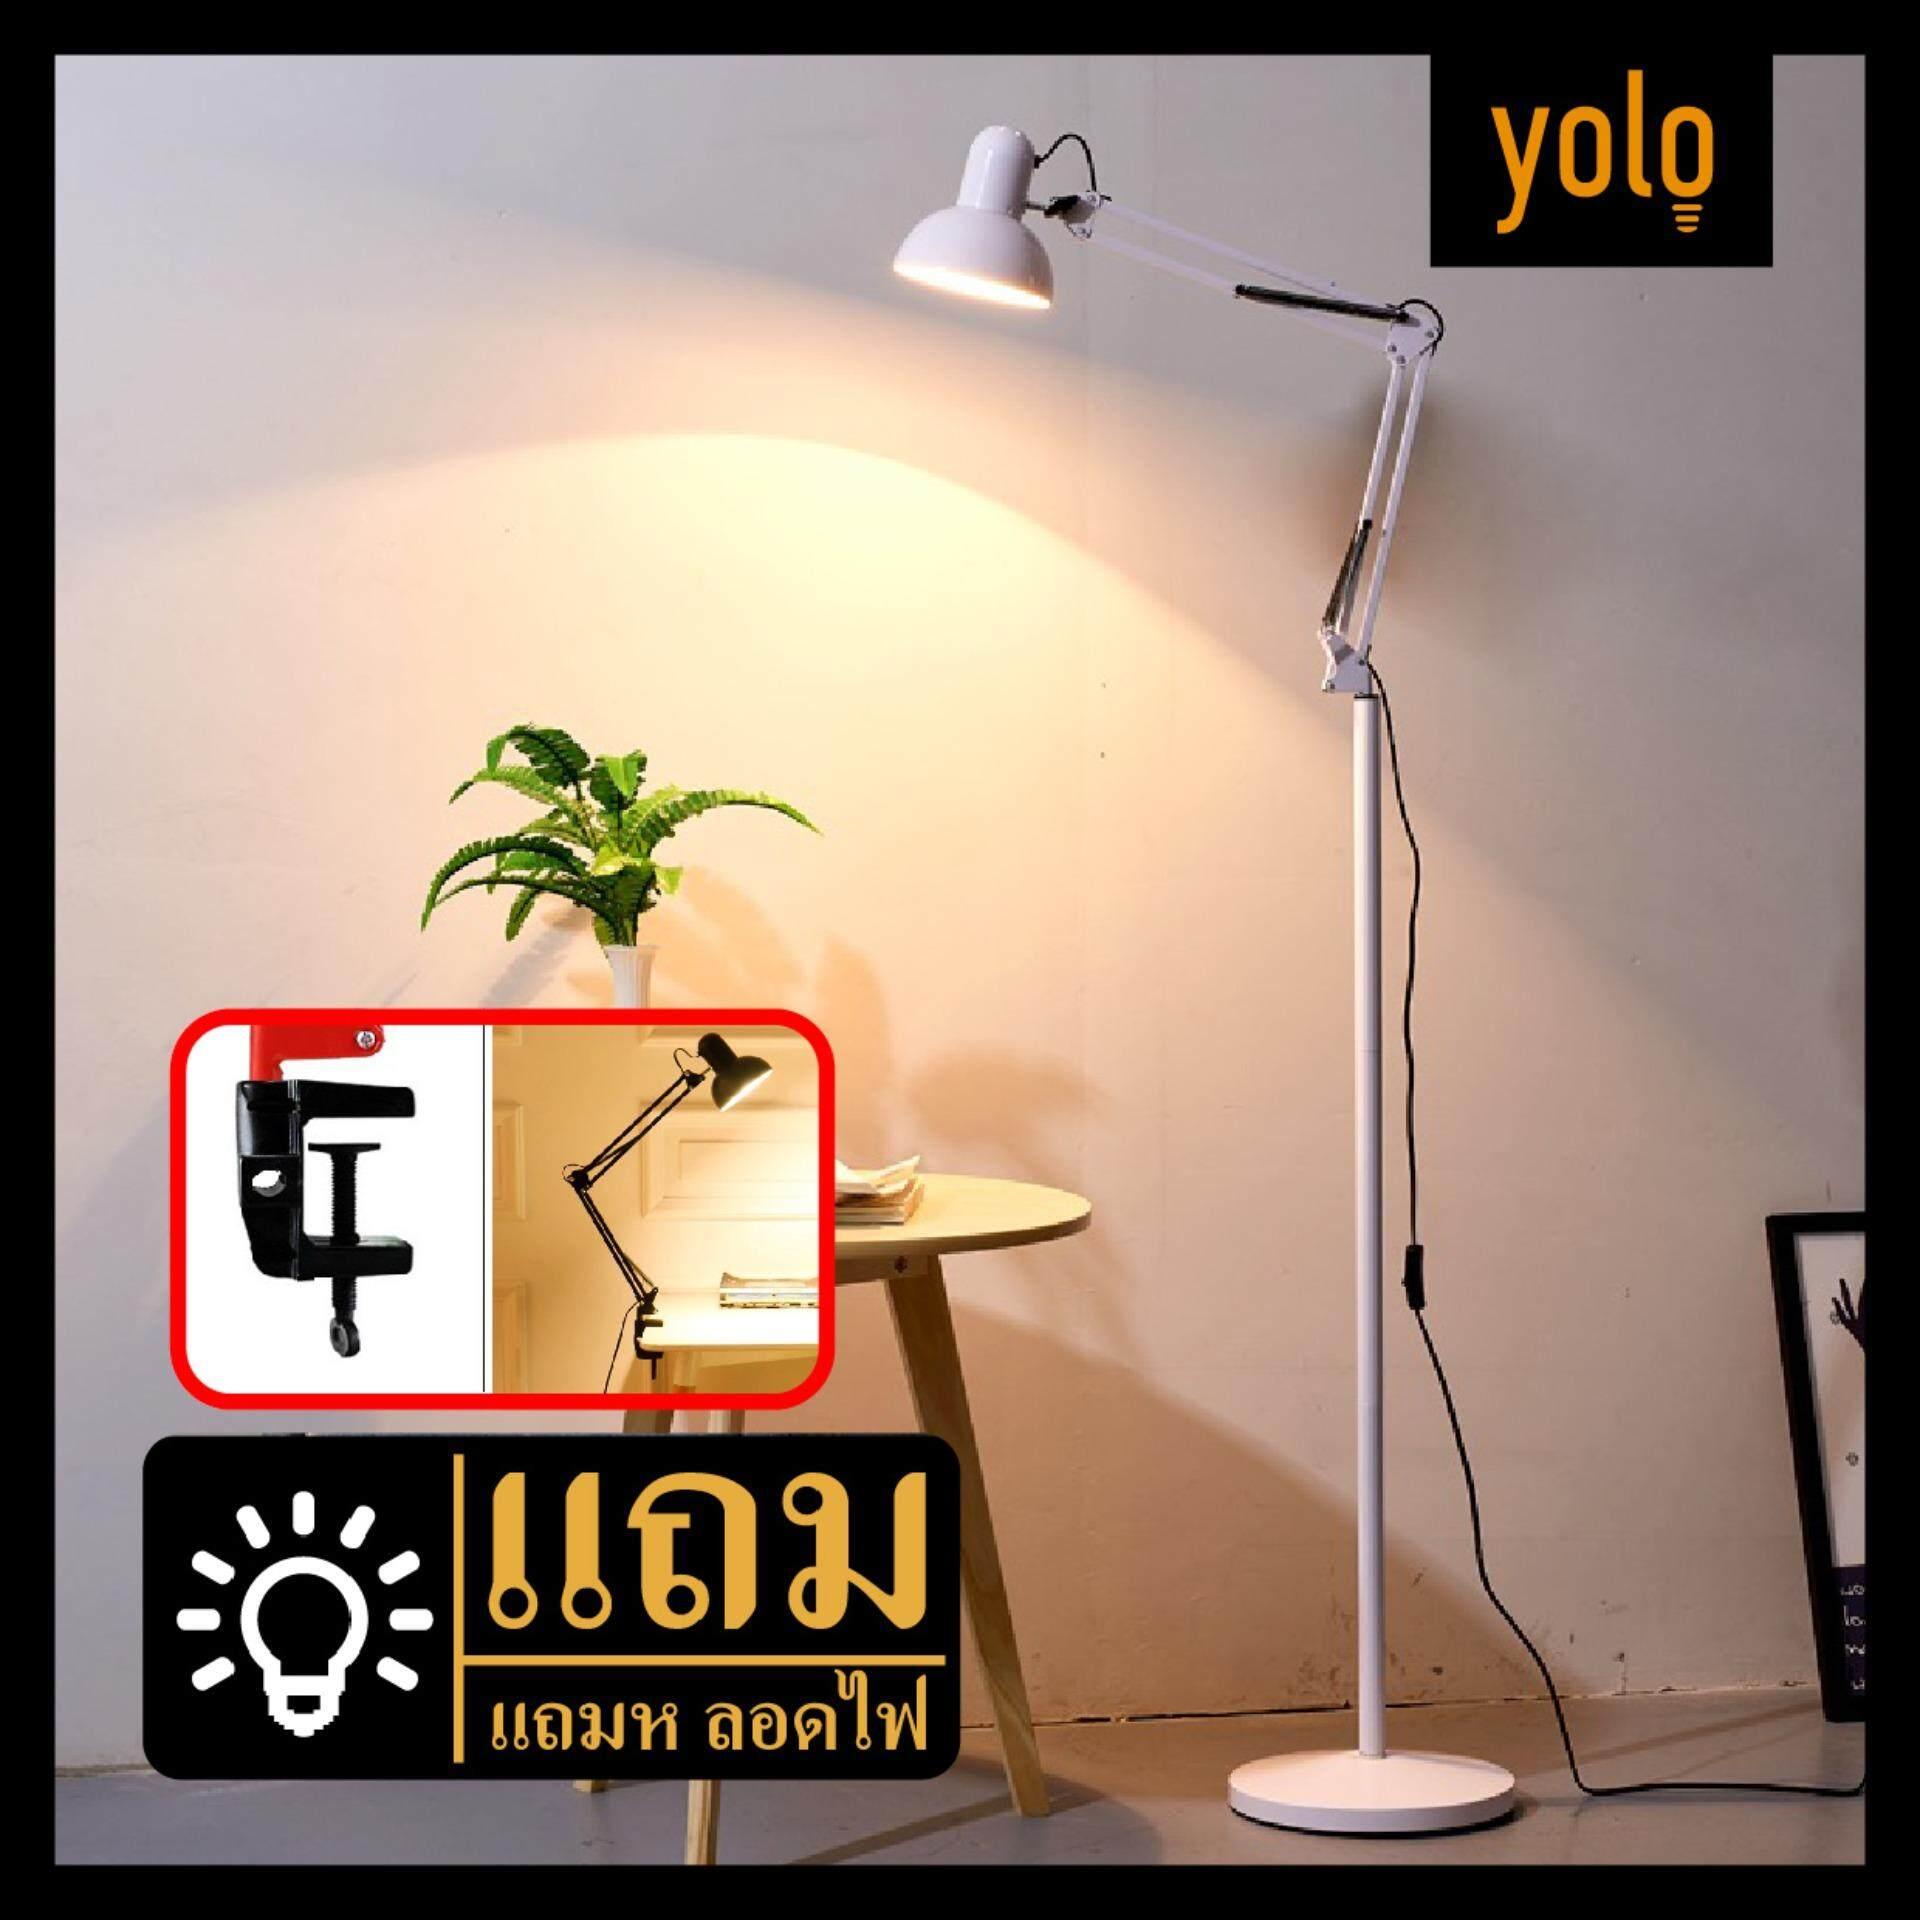 Yolo โคมไฟตั้งพื้น สไตล์ยูโร สีตำ.